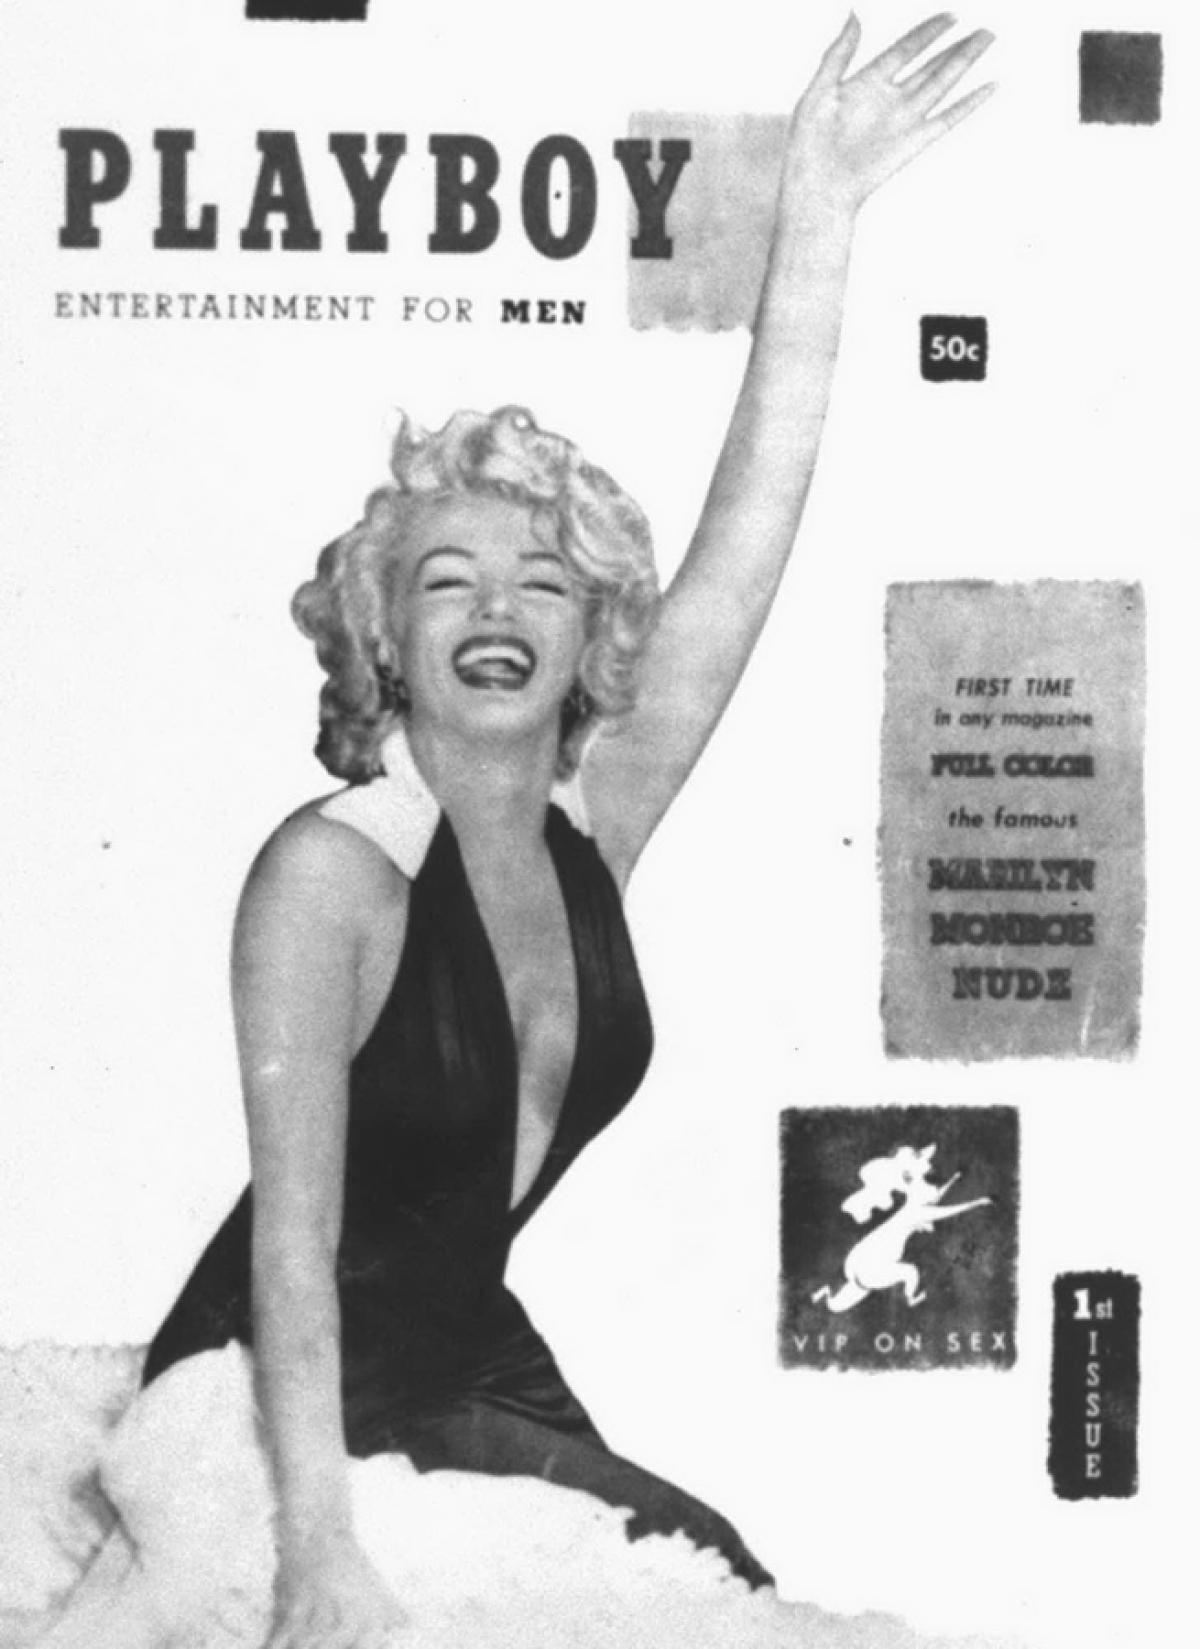 Phải công nhận rằng, chính những hình ảnh của Marilyn Monroe trên số báo đầu tiên đã khiến Playboy gây được tiếng vang lớn và nhận được sự quan tâm của công chúng